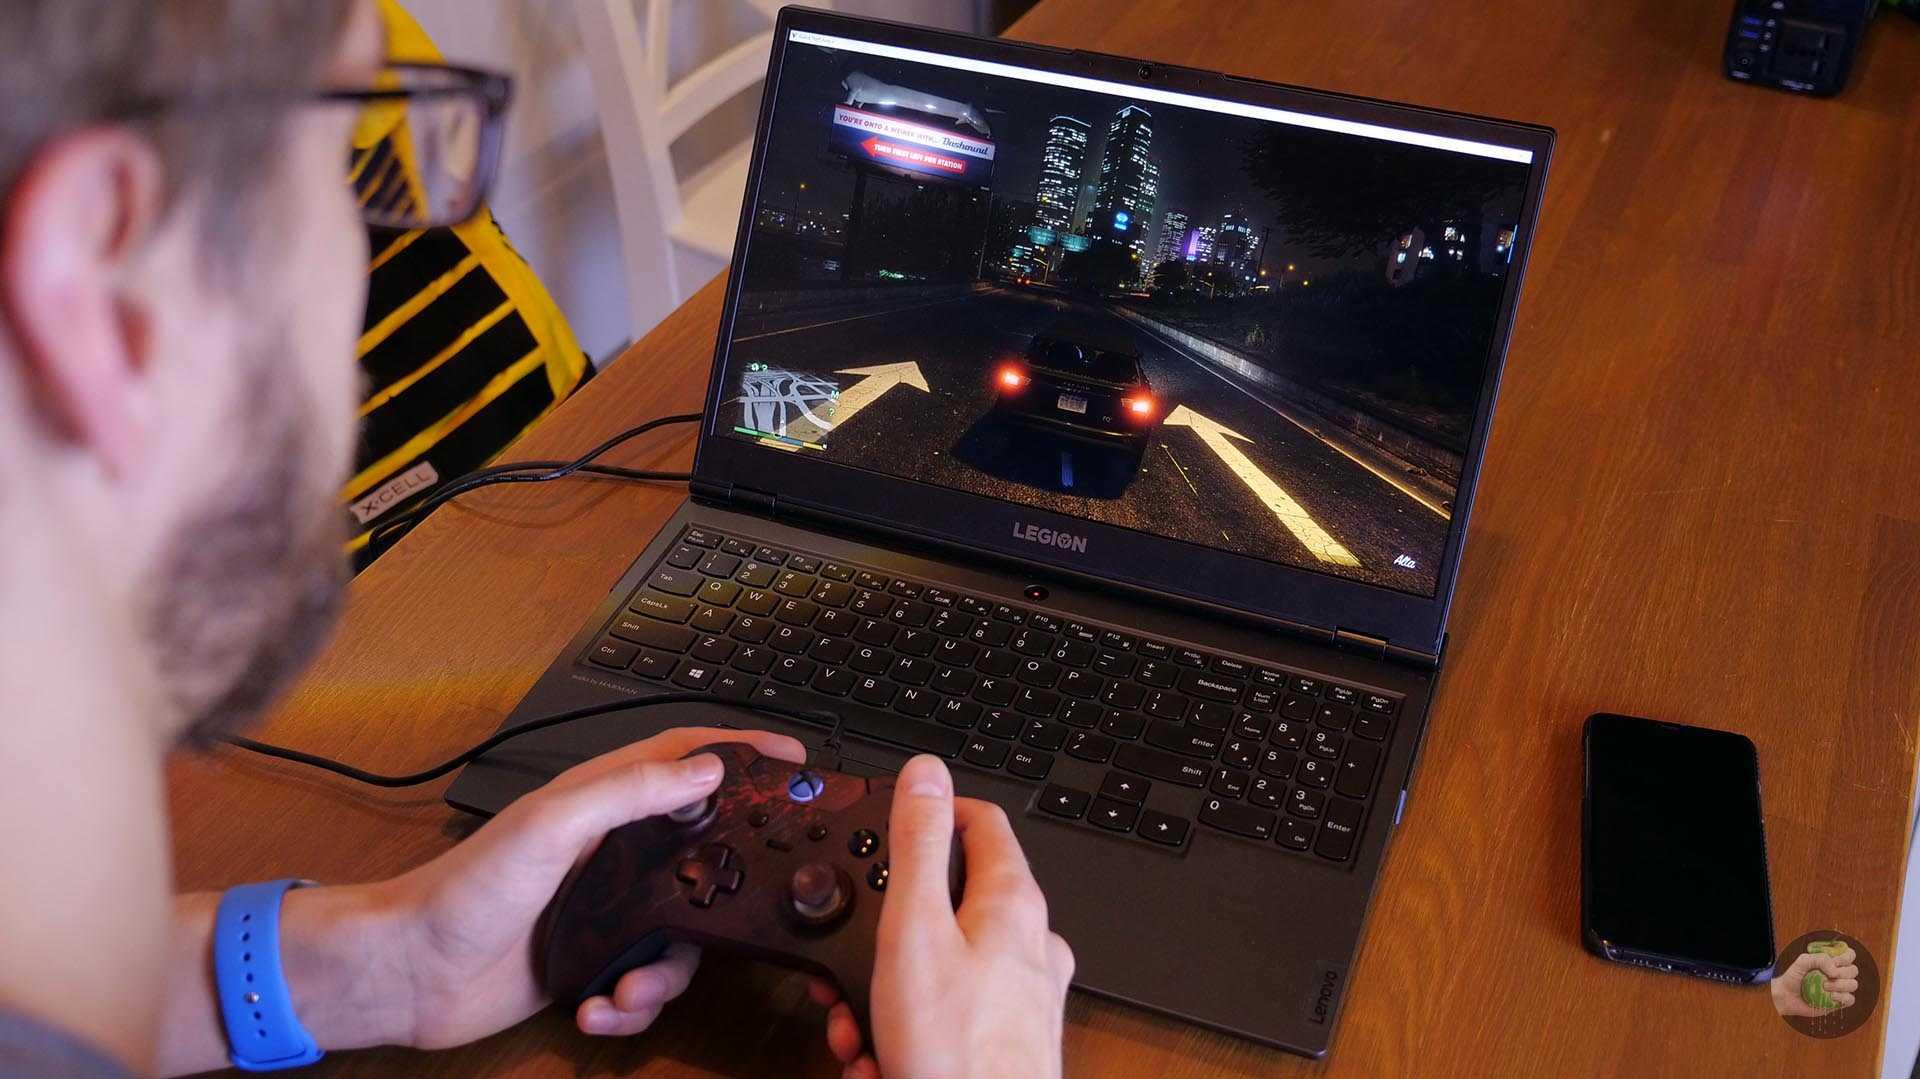 Обзор lenovo legion 7i: изучаем очень мощный ноутбук с 8-ядерным core i9-10980hk и geforce rtx 2080 super / ноутбуки и пк